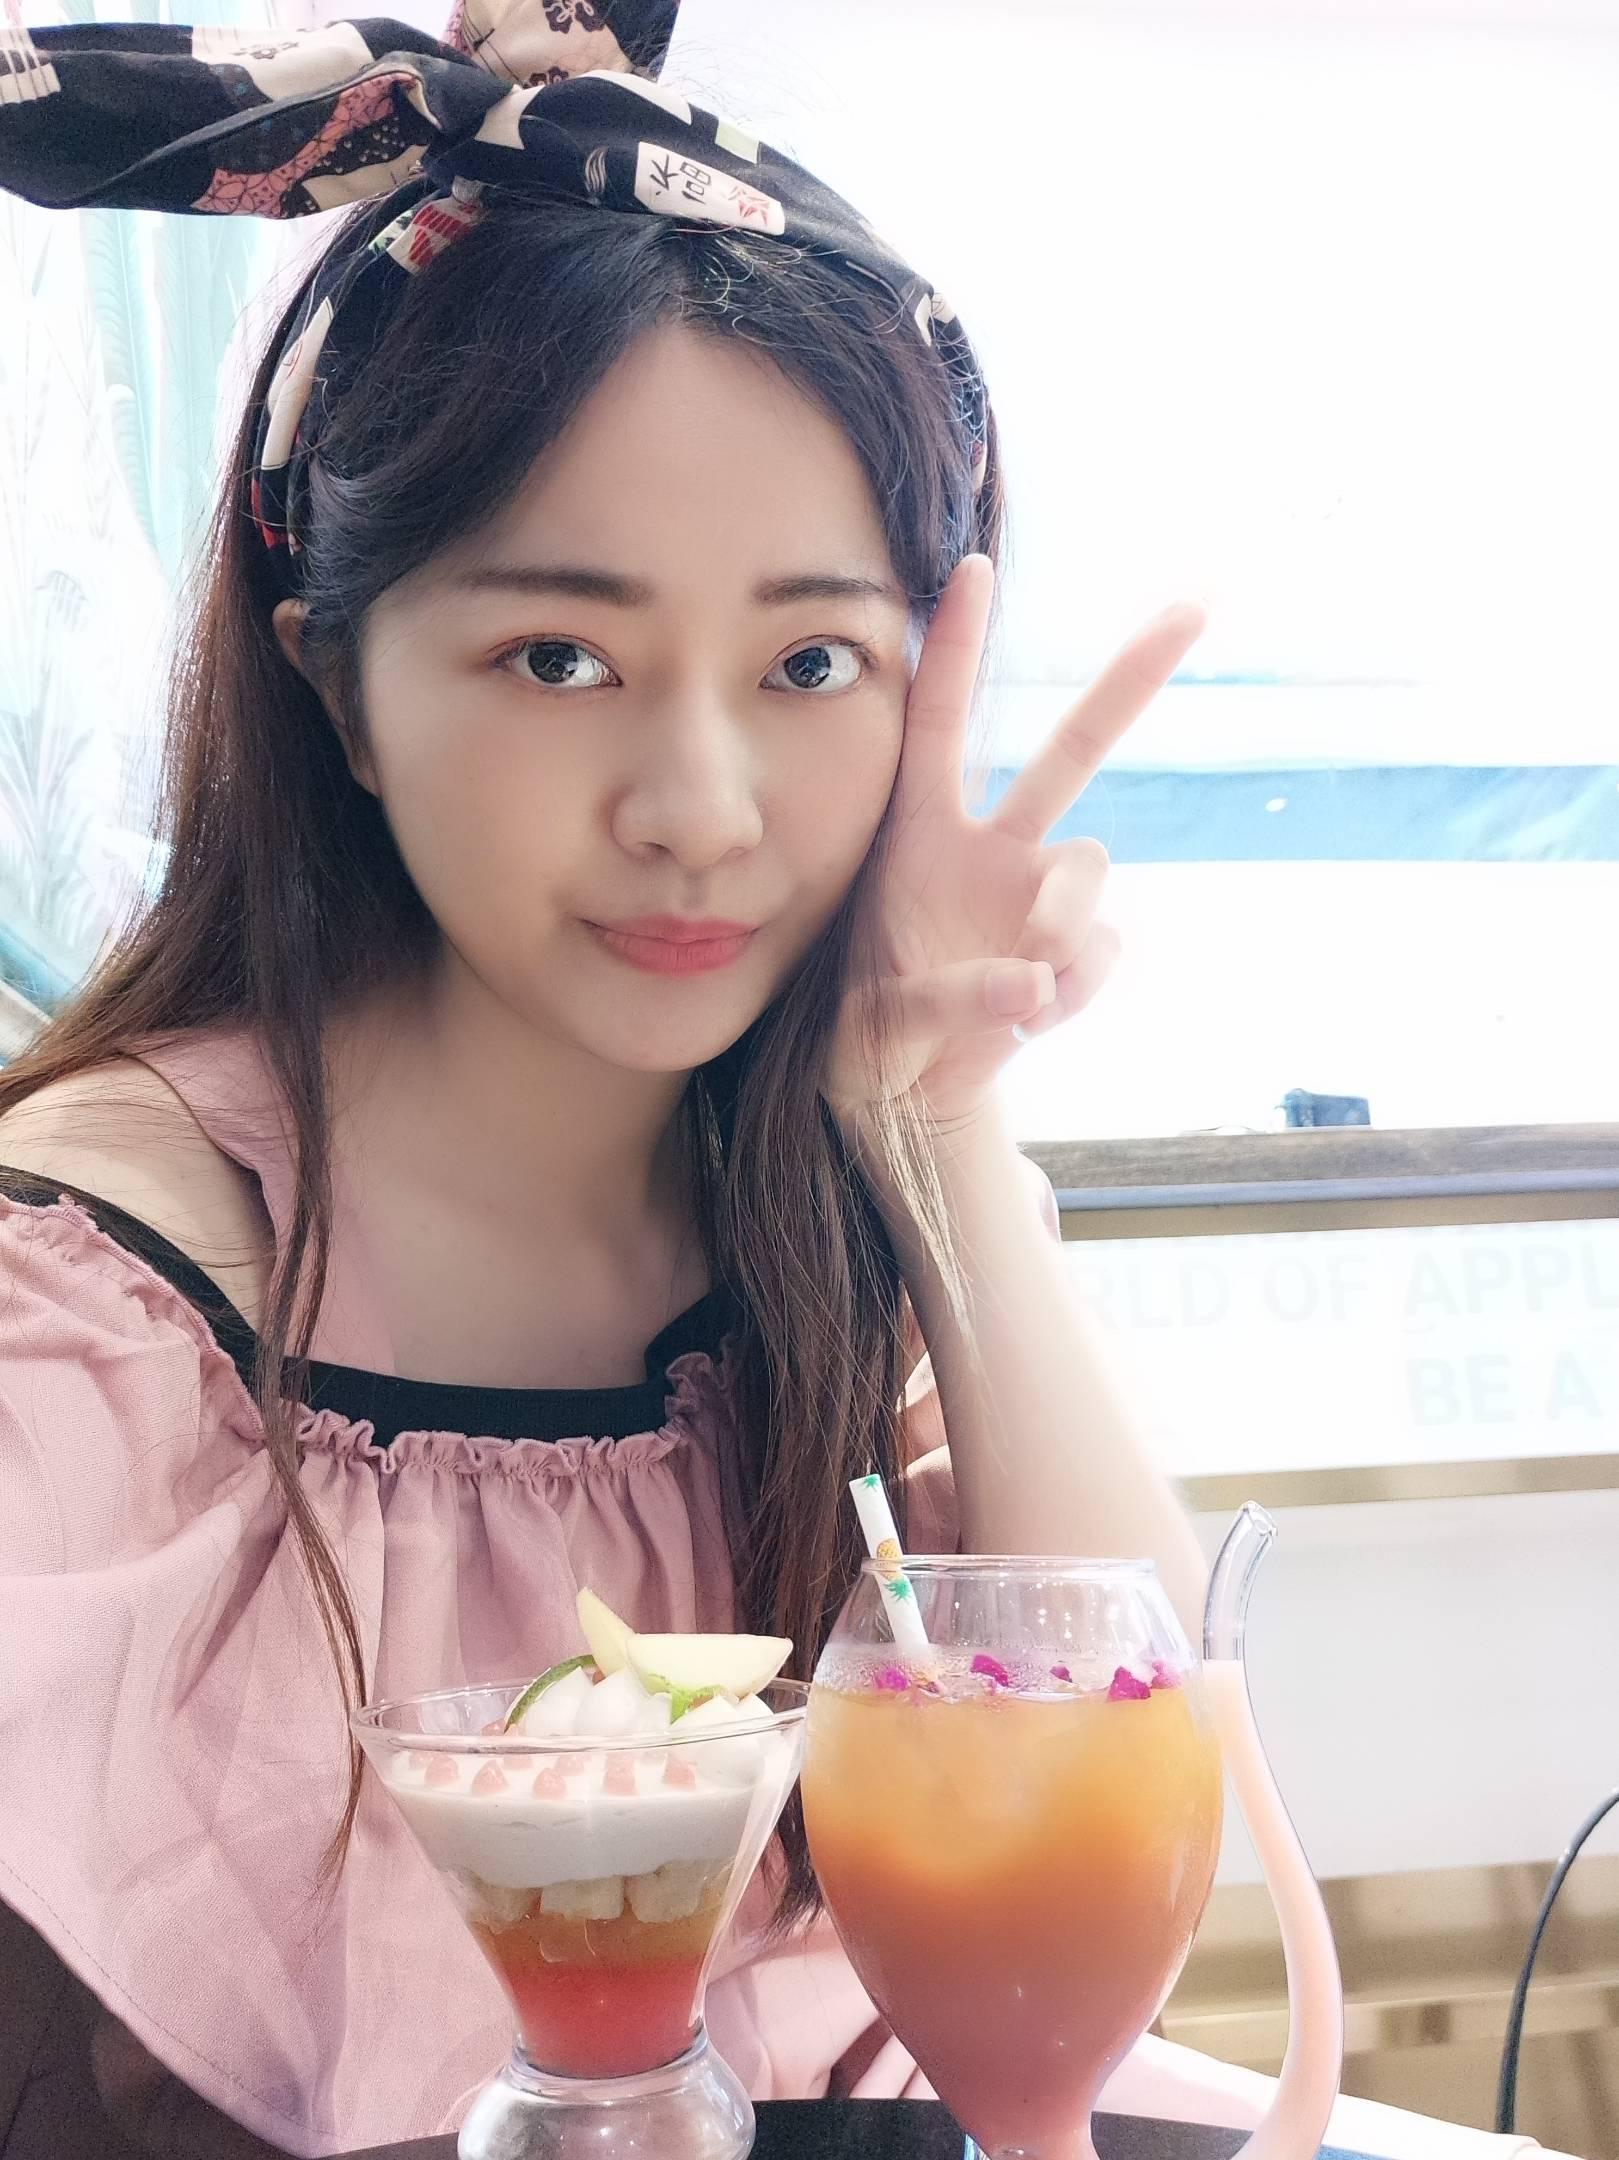 上海  比较内向,喜欢吃吃喝喝刷刷展旅行  喜欢的类型:帅气斯文,喜欢吃吃拍拍照的暖男